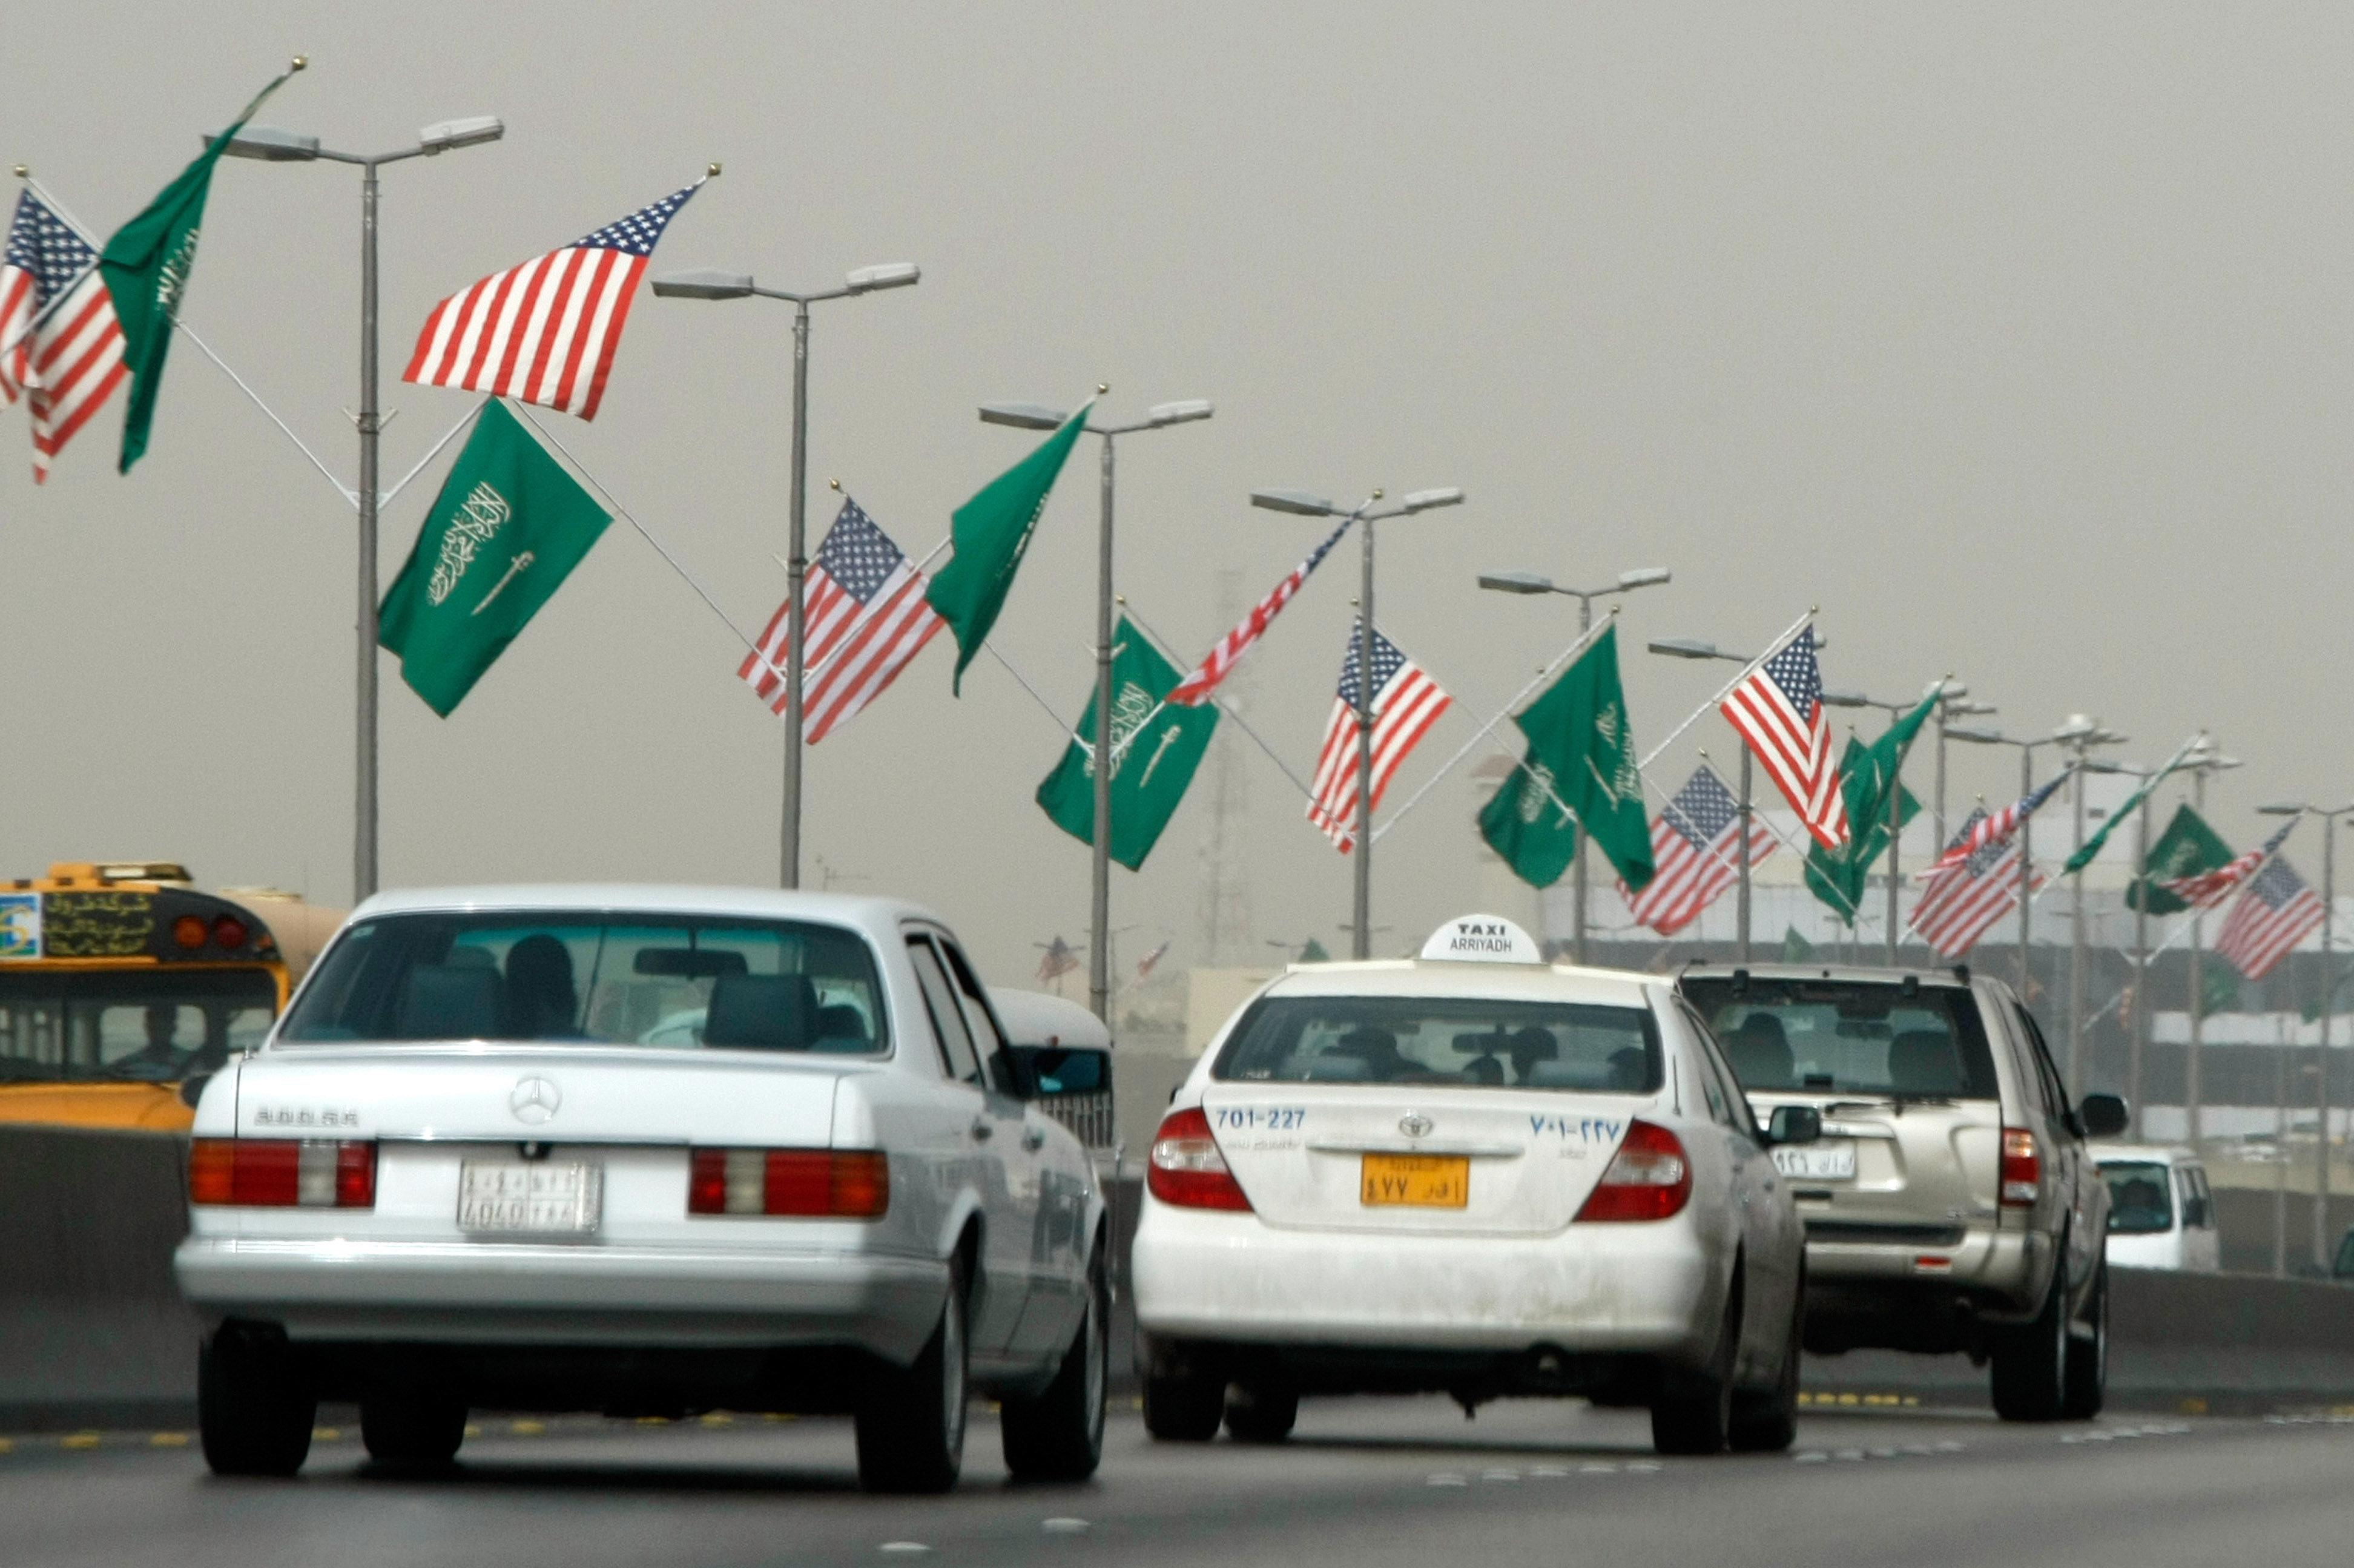 サウジアラビアの首都リヤドの主要道路に米国とサウジアラビアの旗が飛び交います(ファイル)